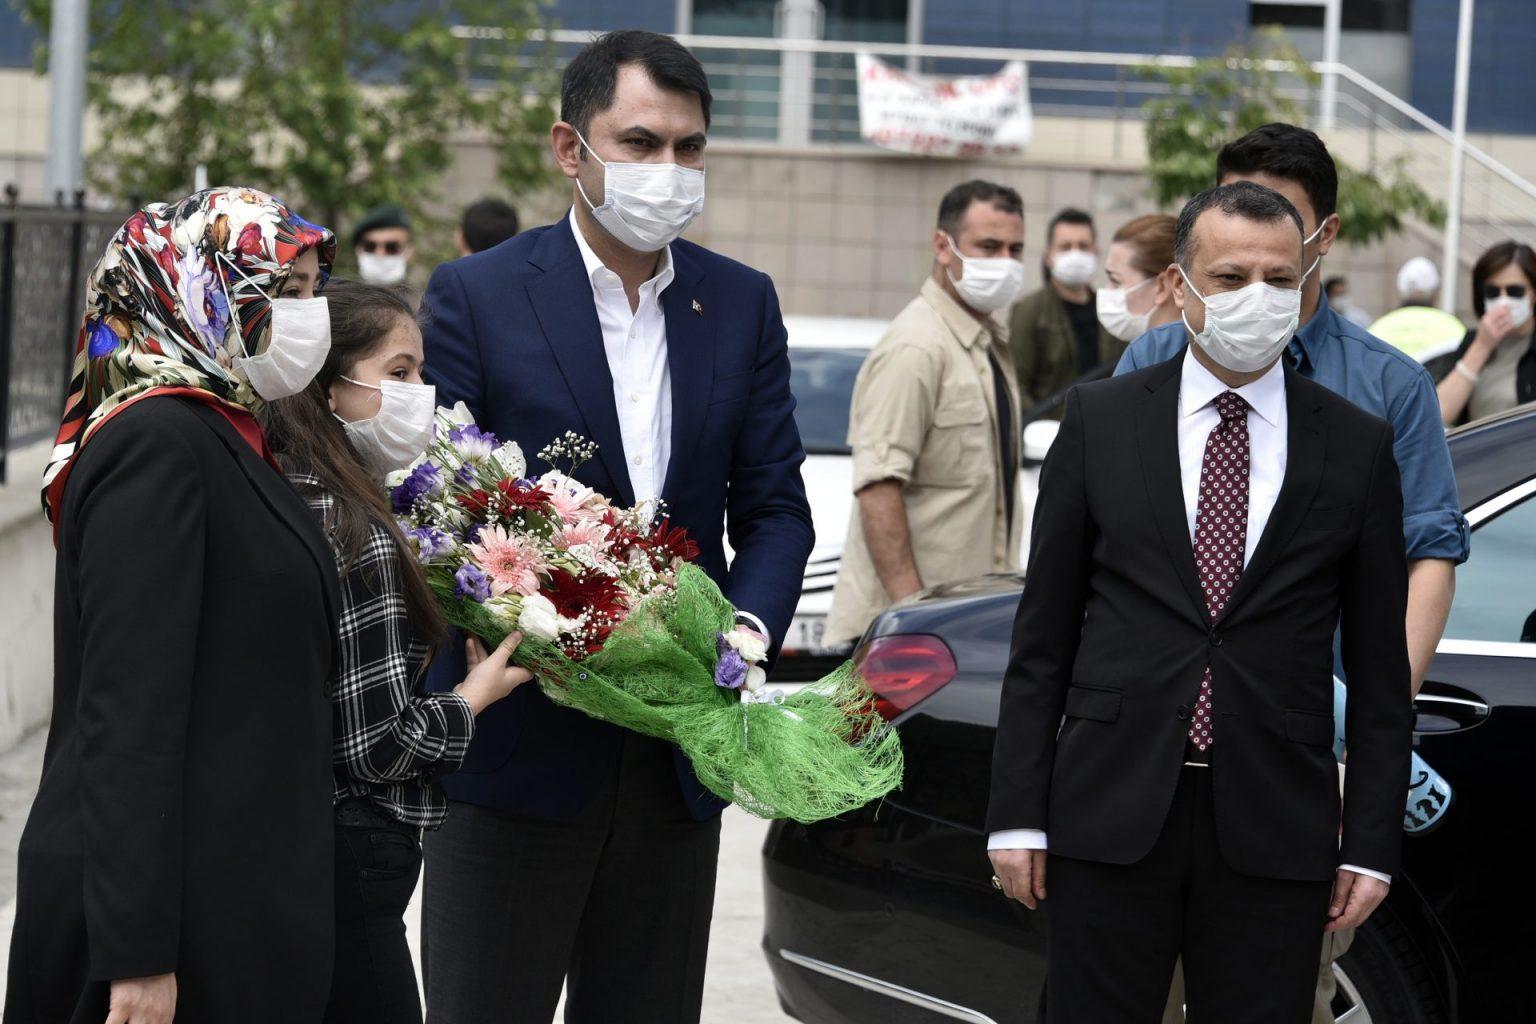 evre ve Şehircilik Bakanı Murat Kurum Gümüşhaneye çok sayıda projeleri hayata geçirecek müjdeler verdi 4